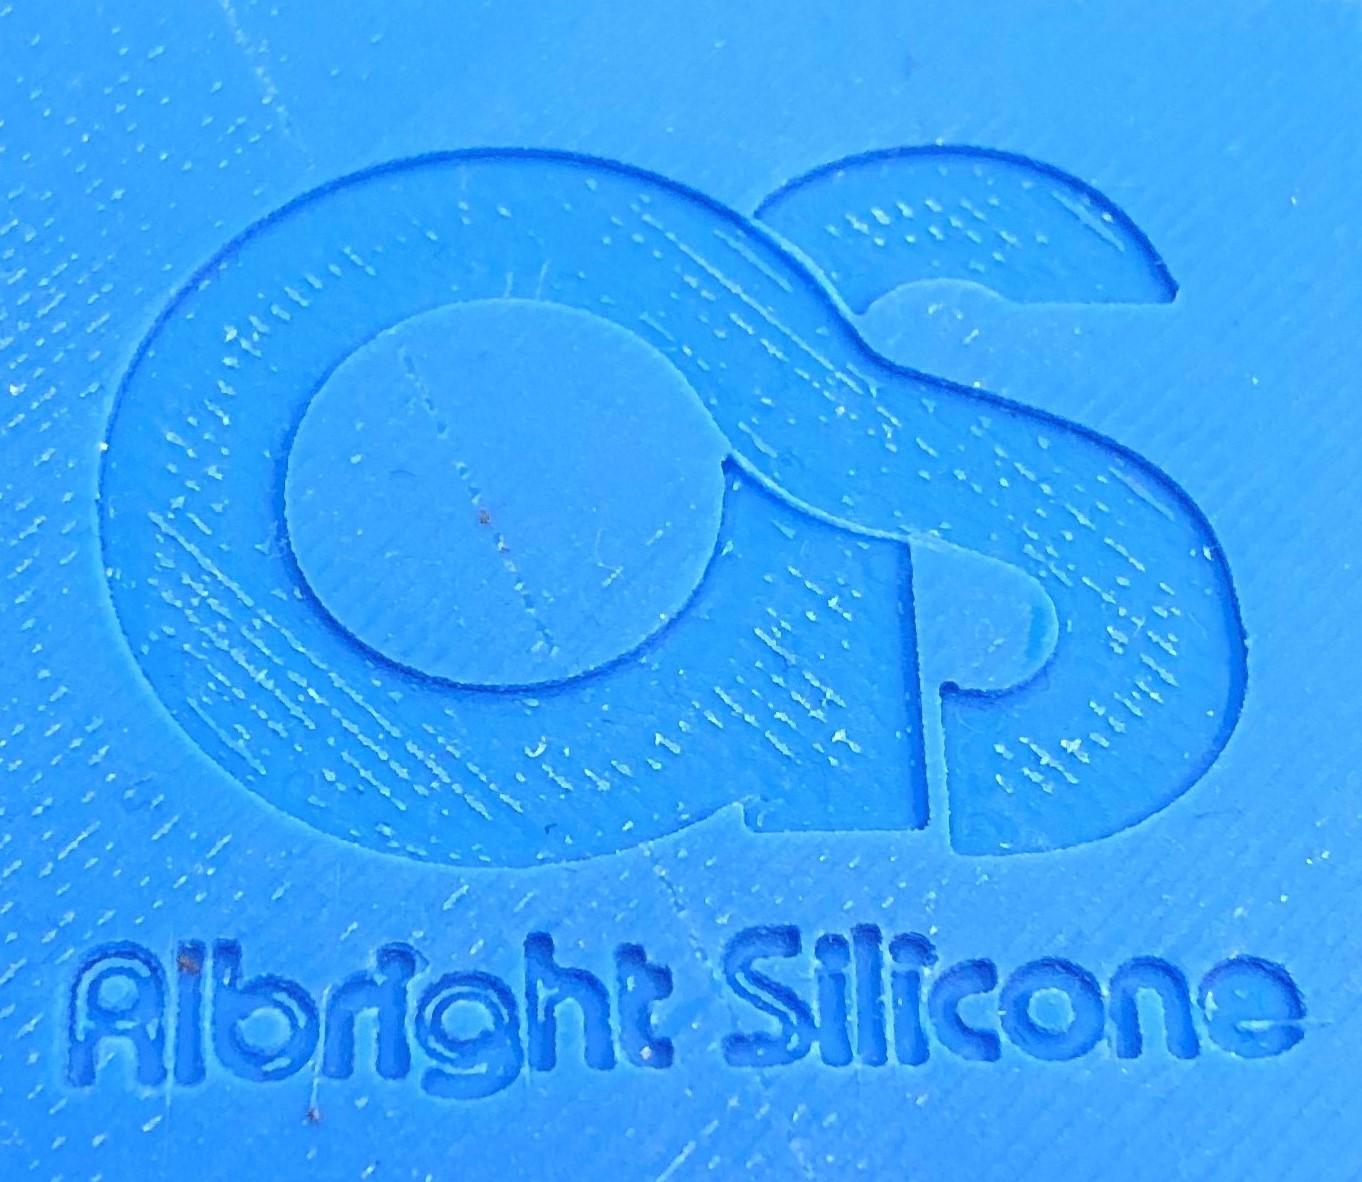 3D Albright Silicone Logo